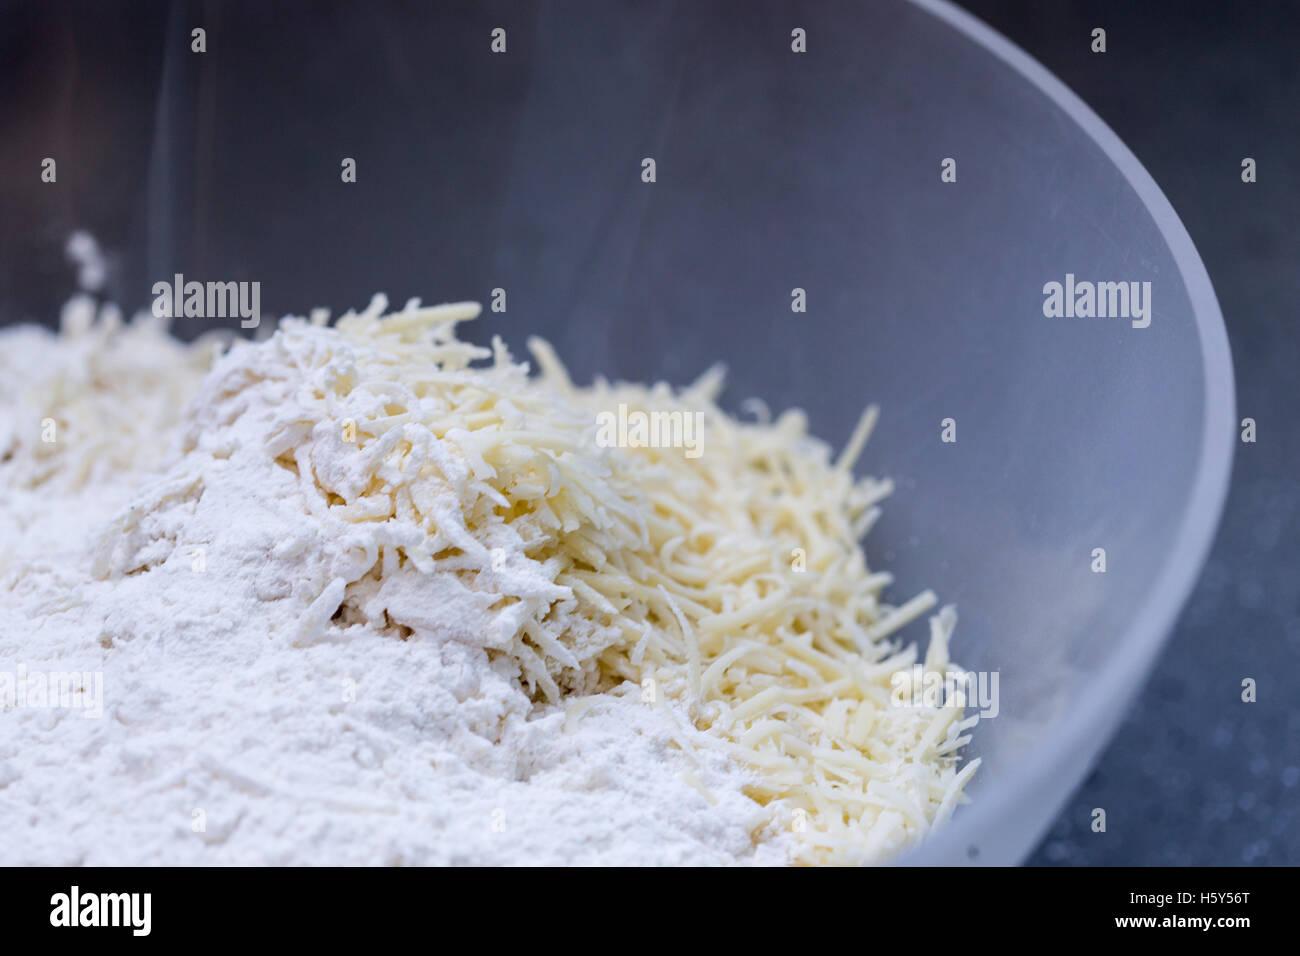 Eine Mischung aus Mehl und Käse in eine Schüssel geben, seine Zutaten für verschiedene Rezepte kochen. Stockbild